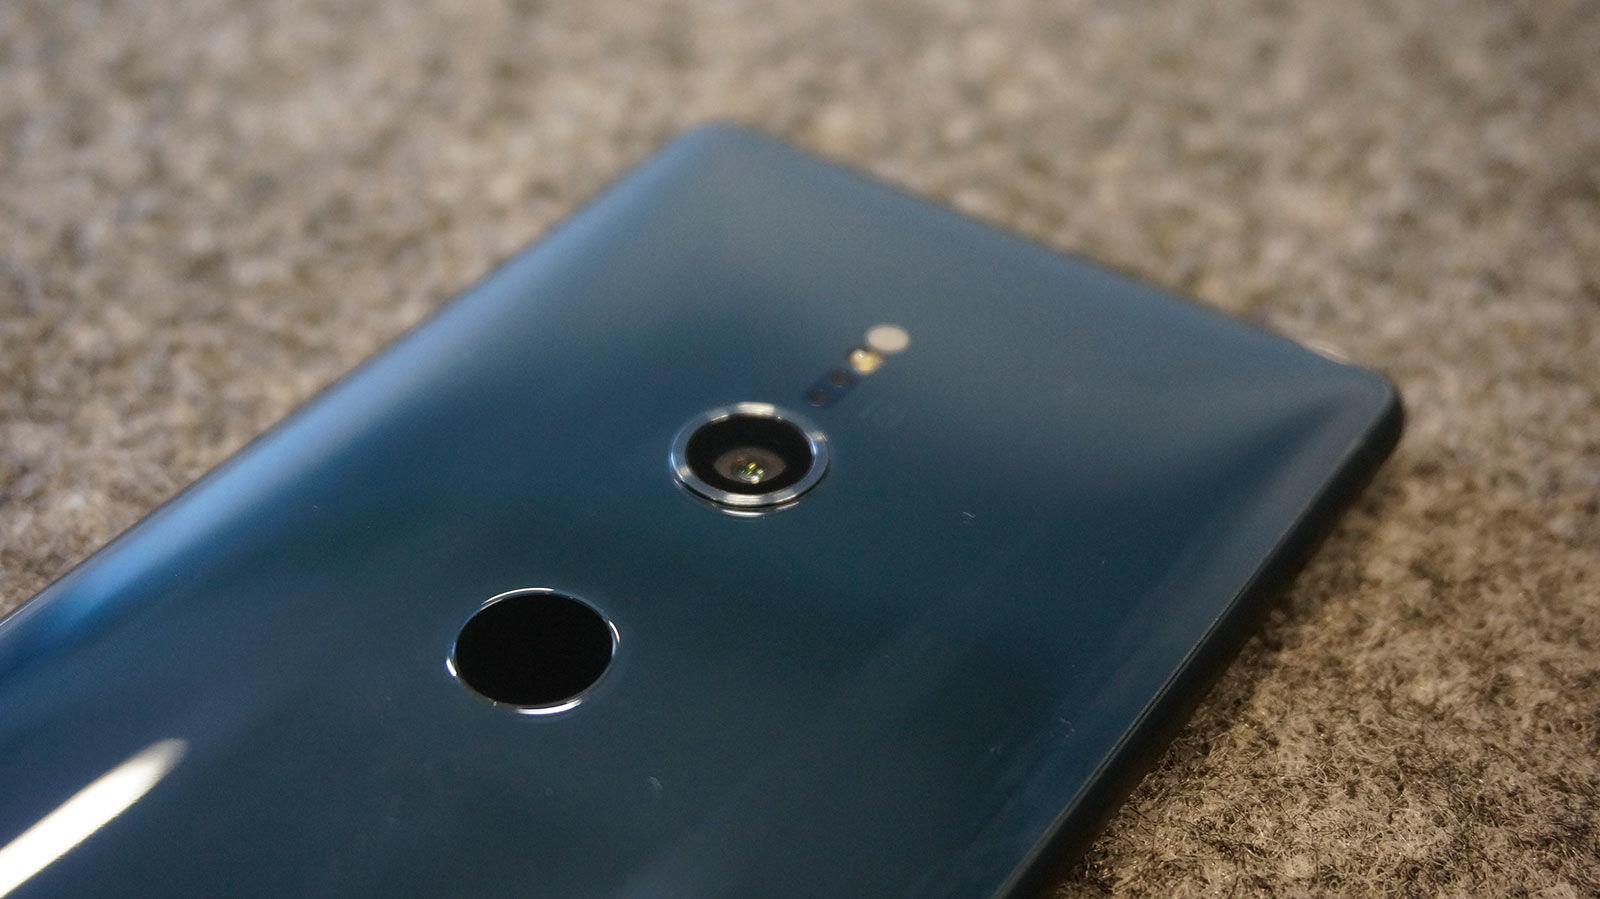 أيهما الأفضل في التصوير من بين العمالقة ... Samsung Galaxy S9 أم Sony Xperia XZ2